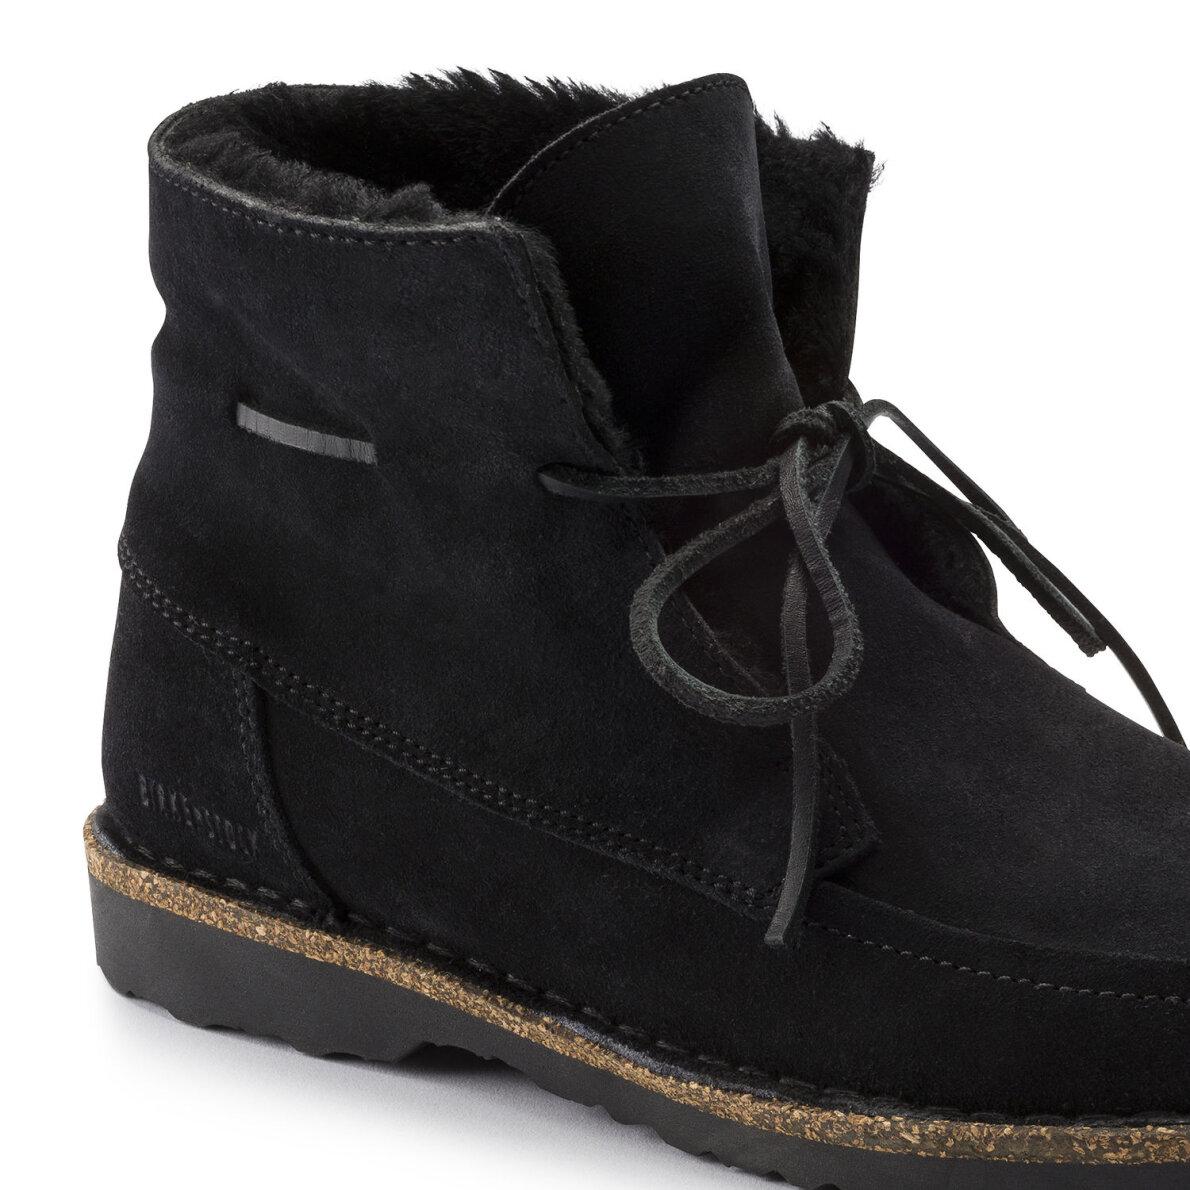 8ff545e9e66 ... Birkenstock - Birkenstock Bakki Sort dame støvle med for ...